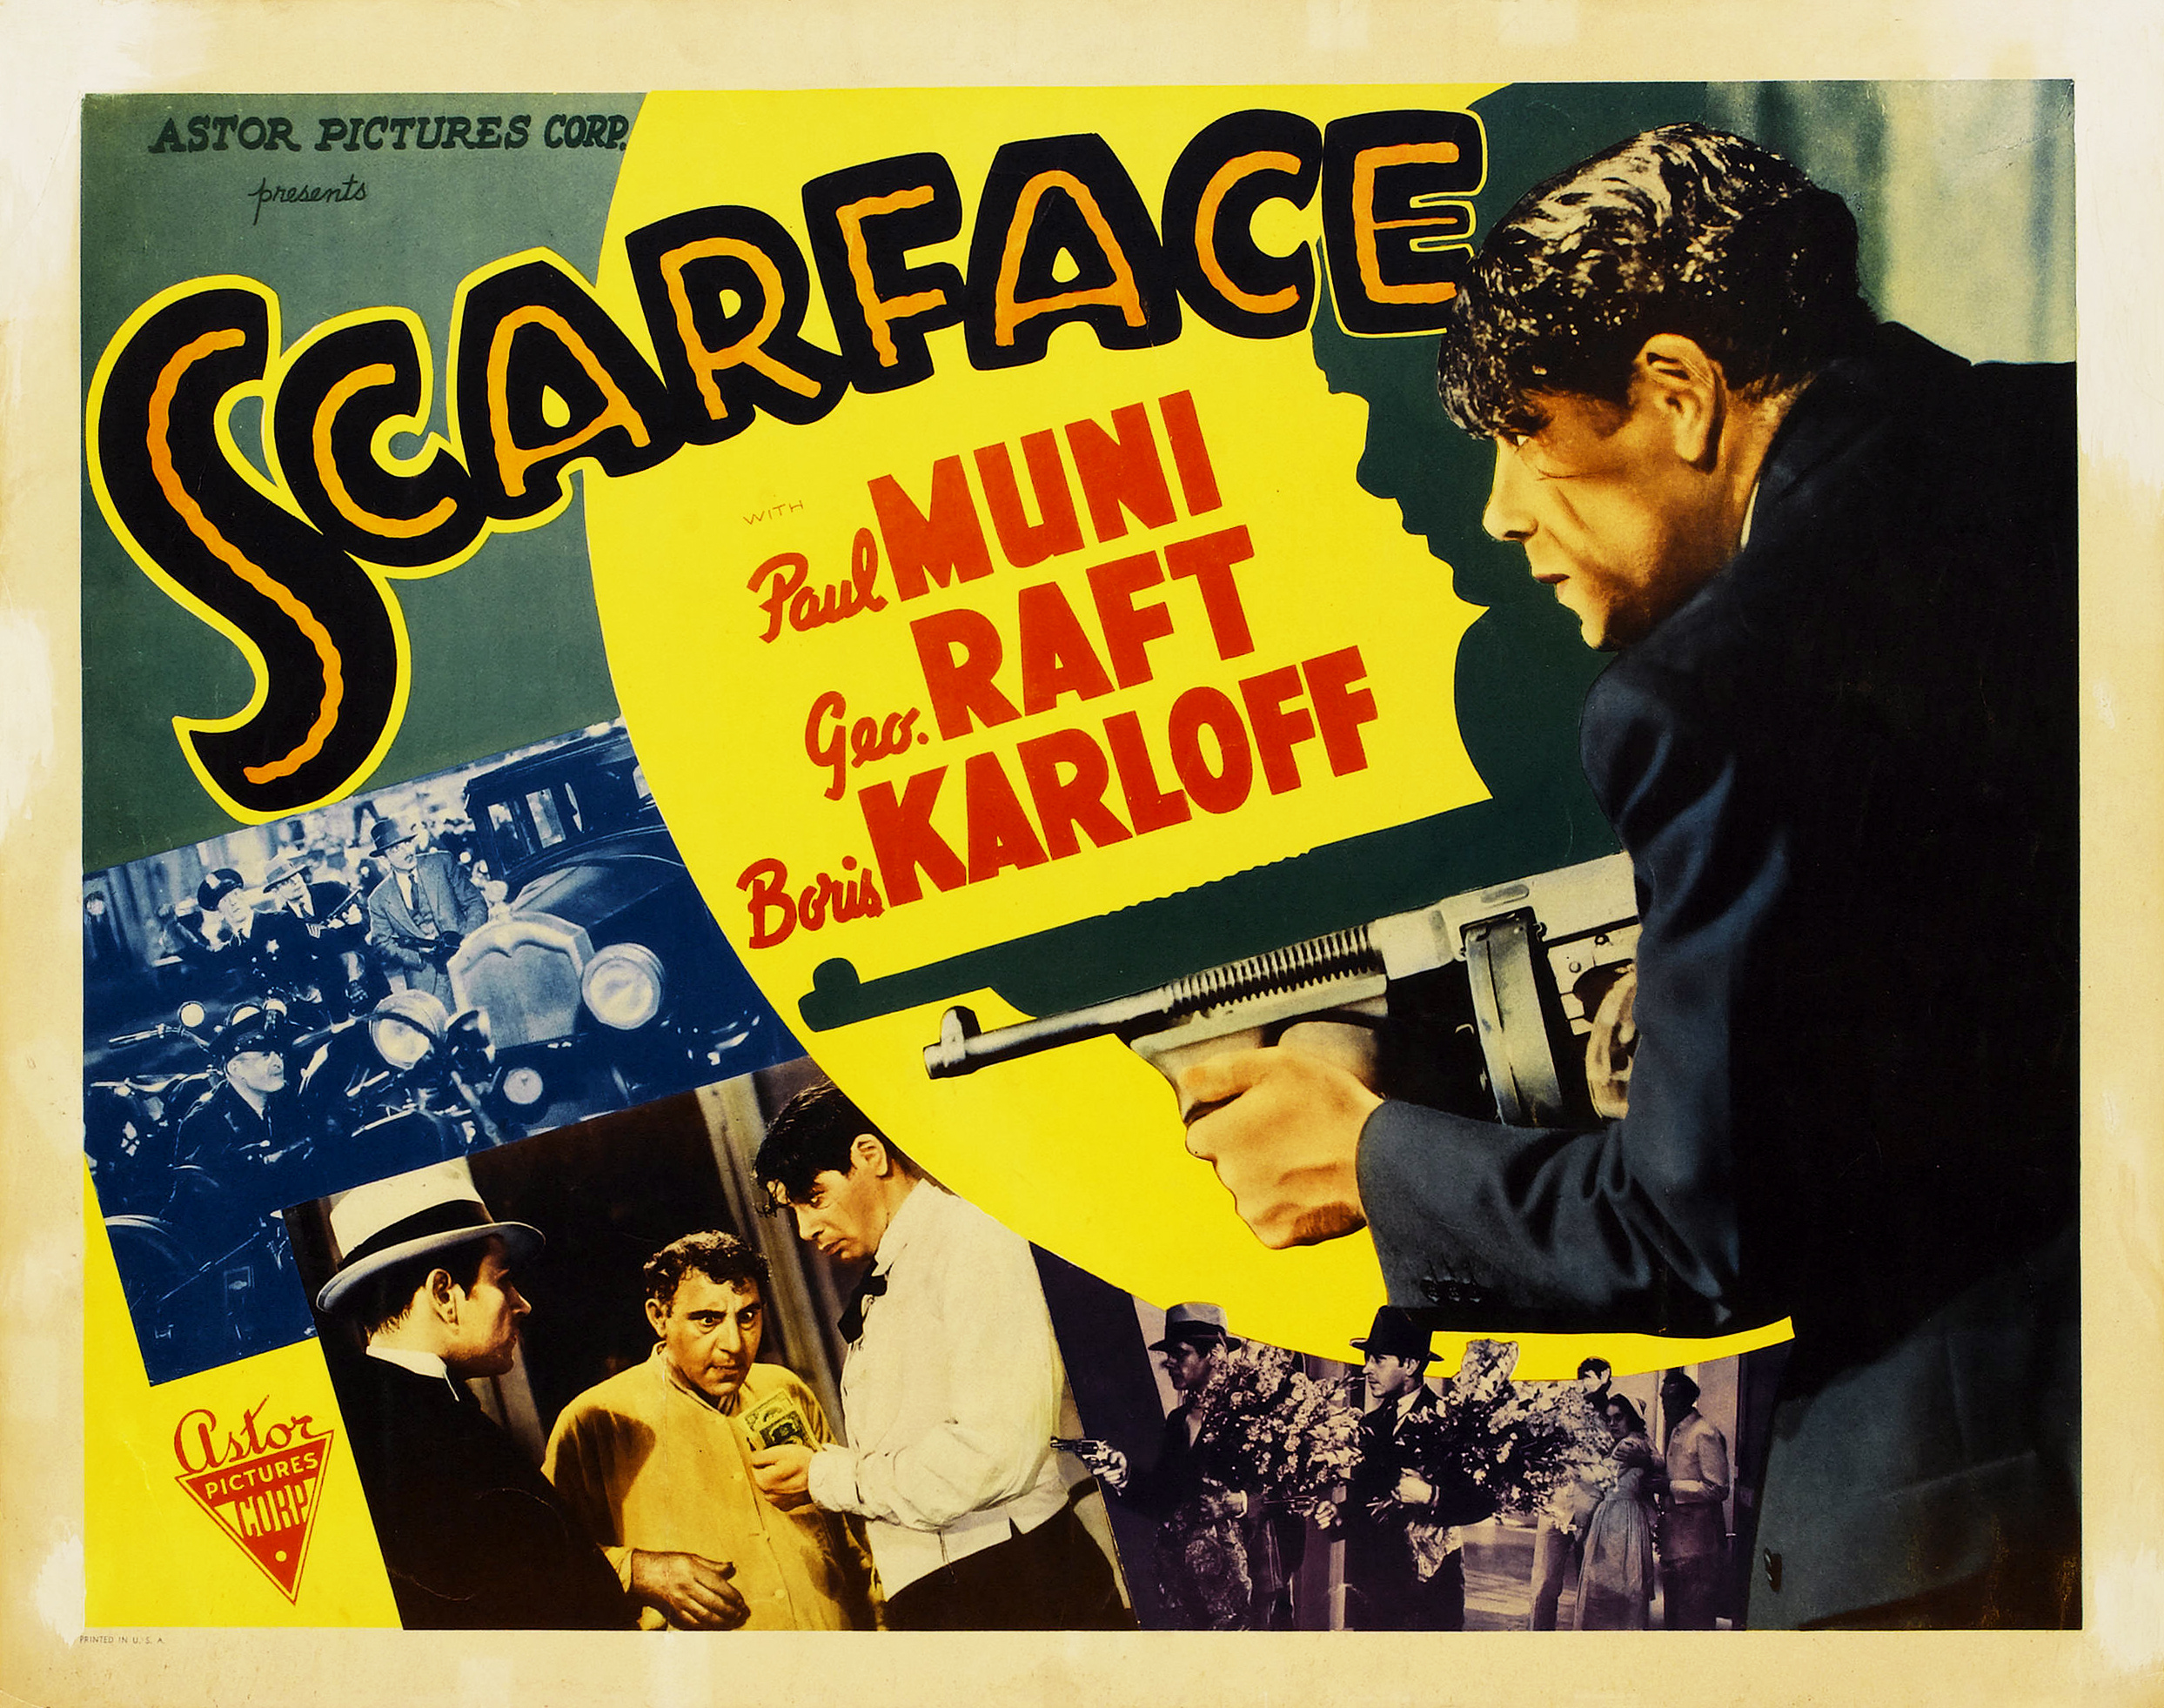 Scarface_1932_Lobby_Card.jpg